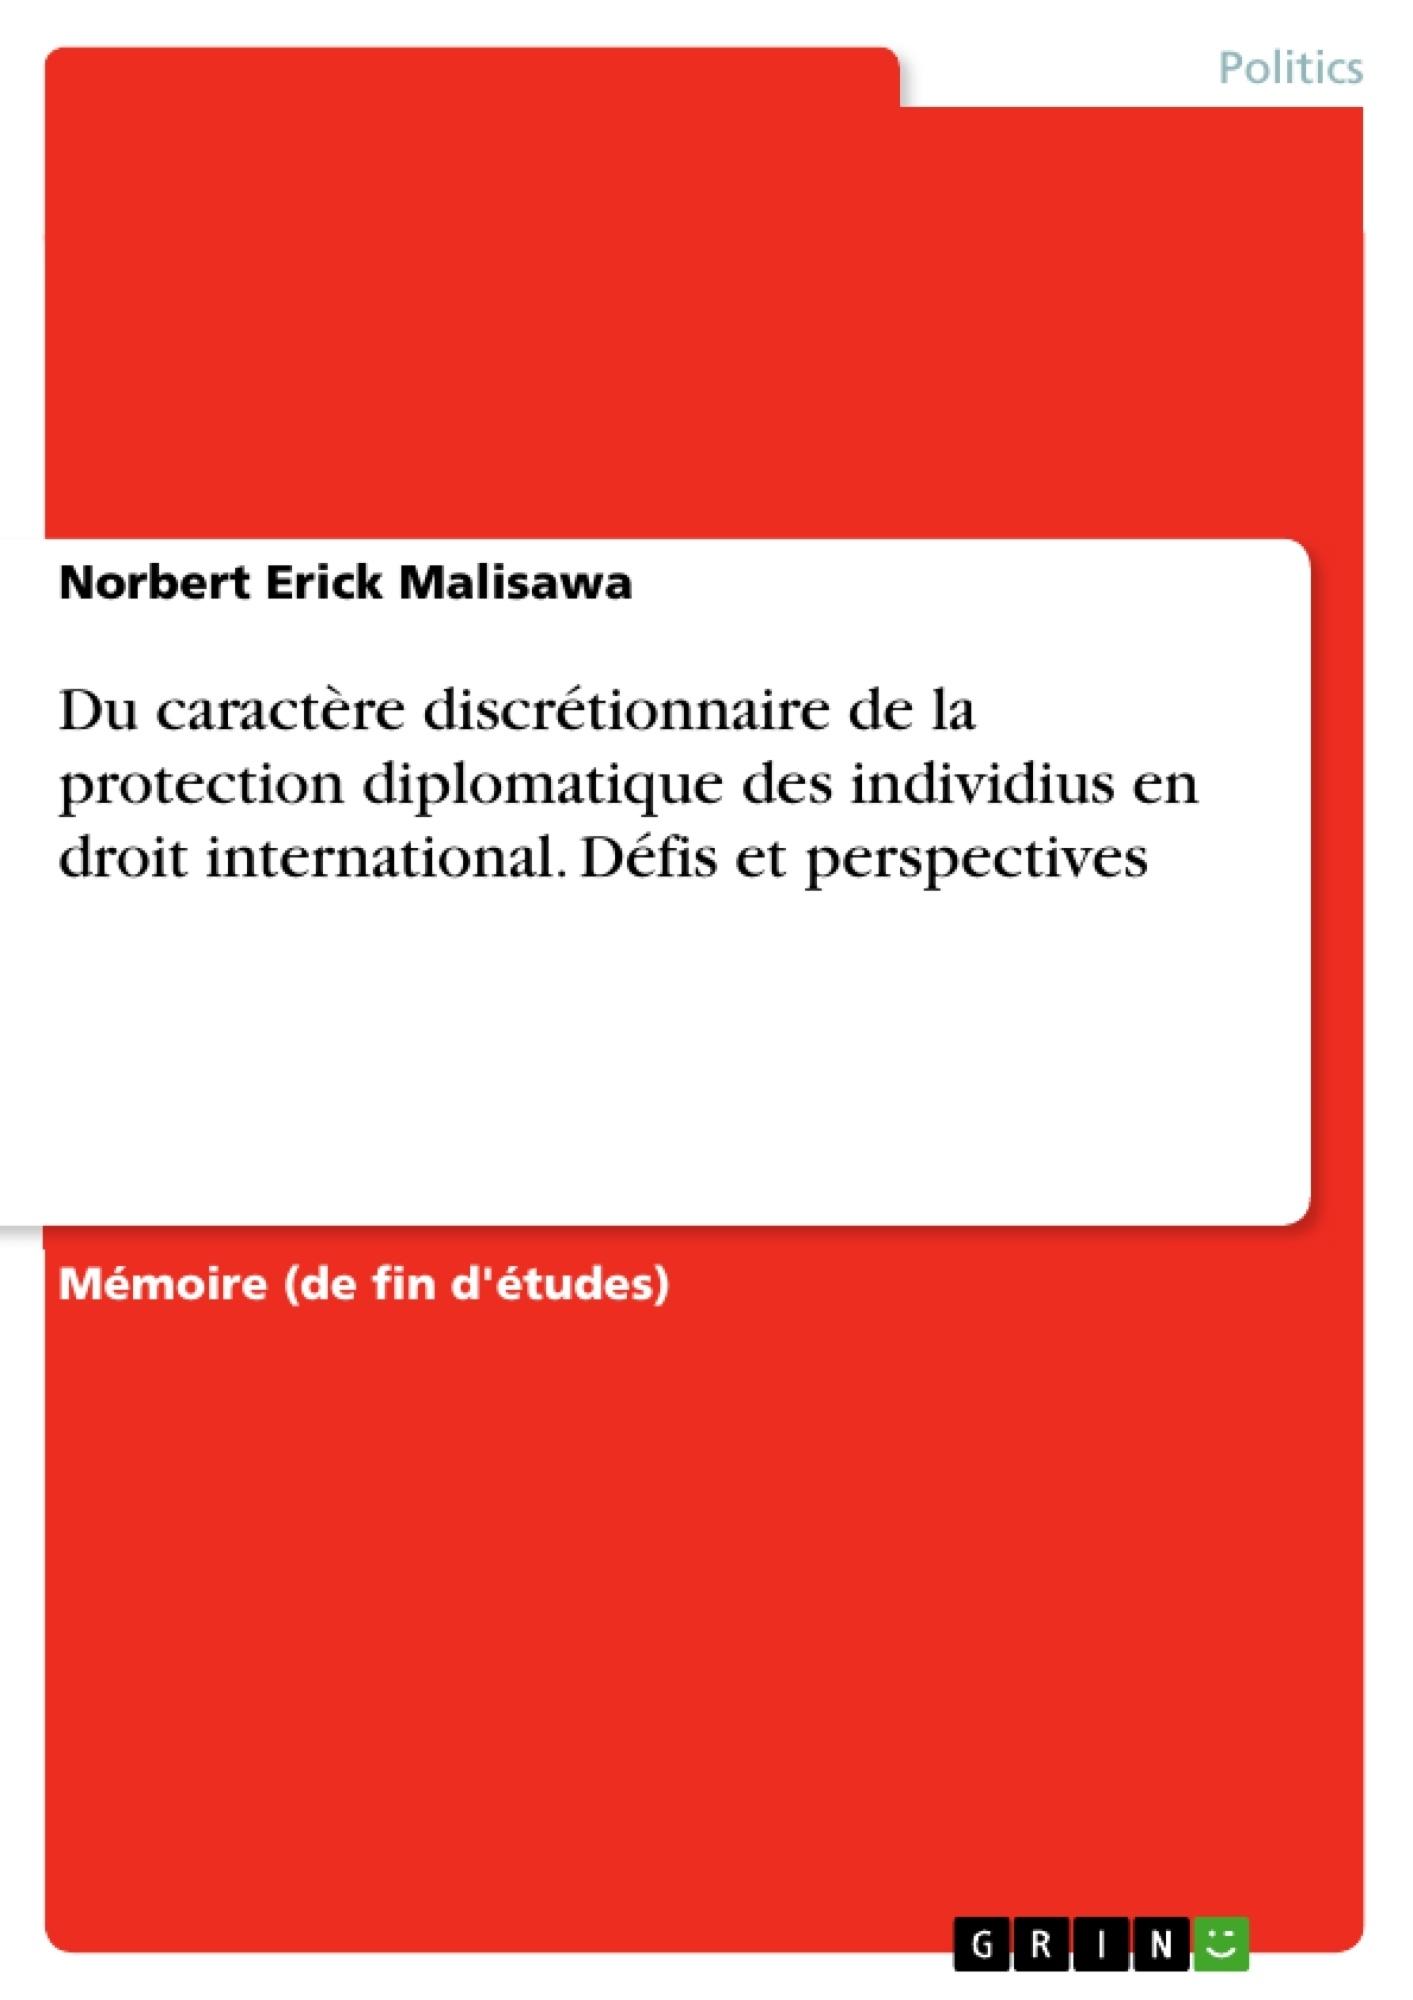 Titre: Du caractère discrétionnaire de la protection diplomatique des individius en droit international. Défis et perspectives